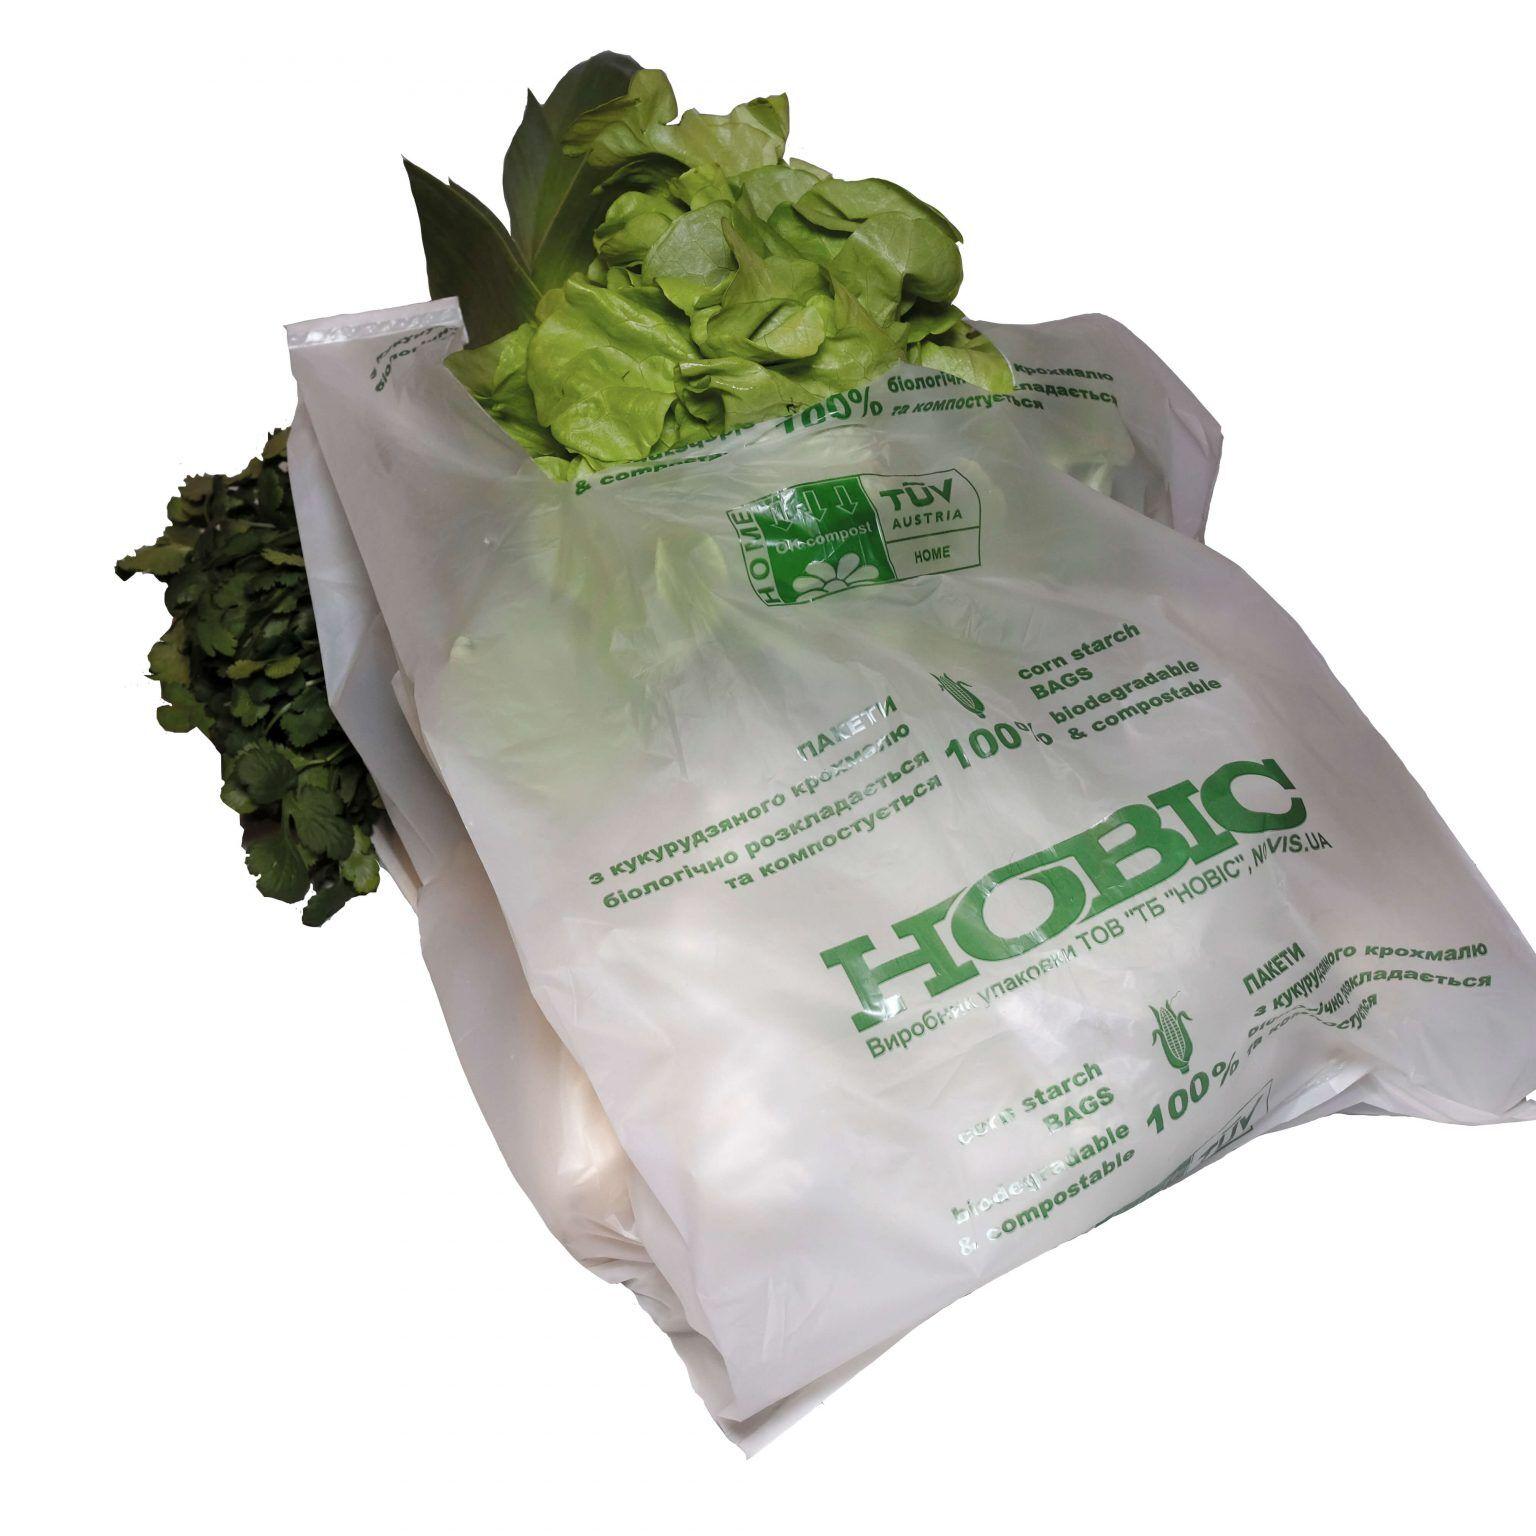 """Біорозкладаний пакет для покупок від компанії """"Новіс"""""""